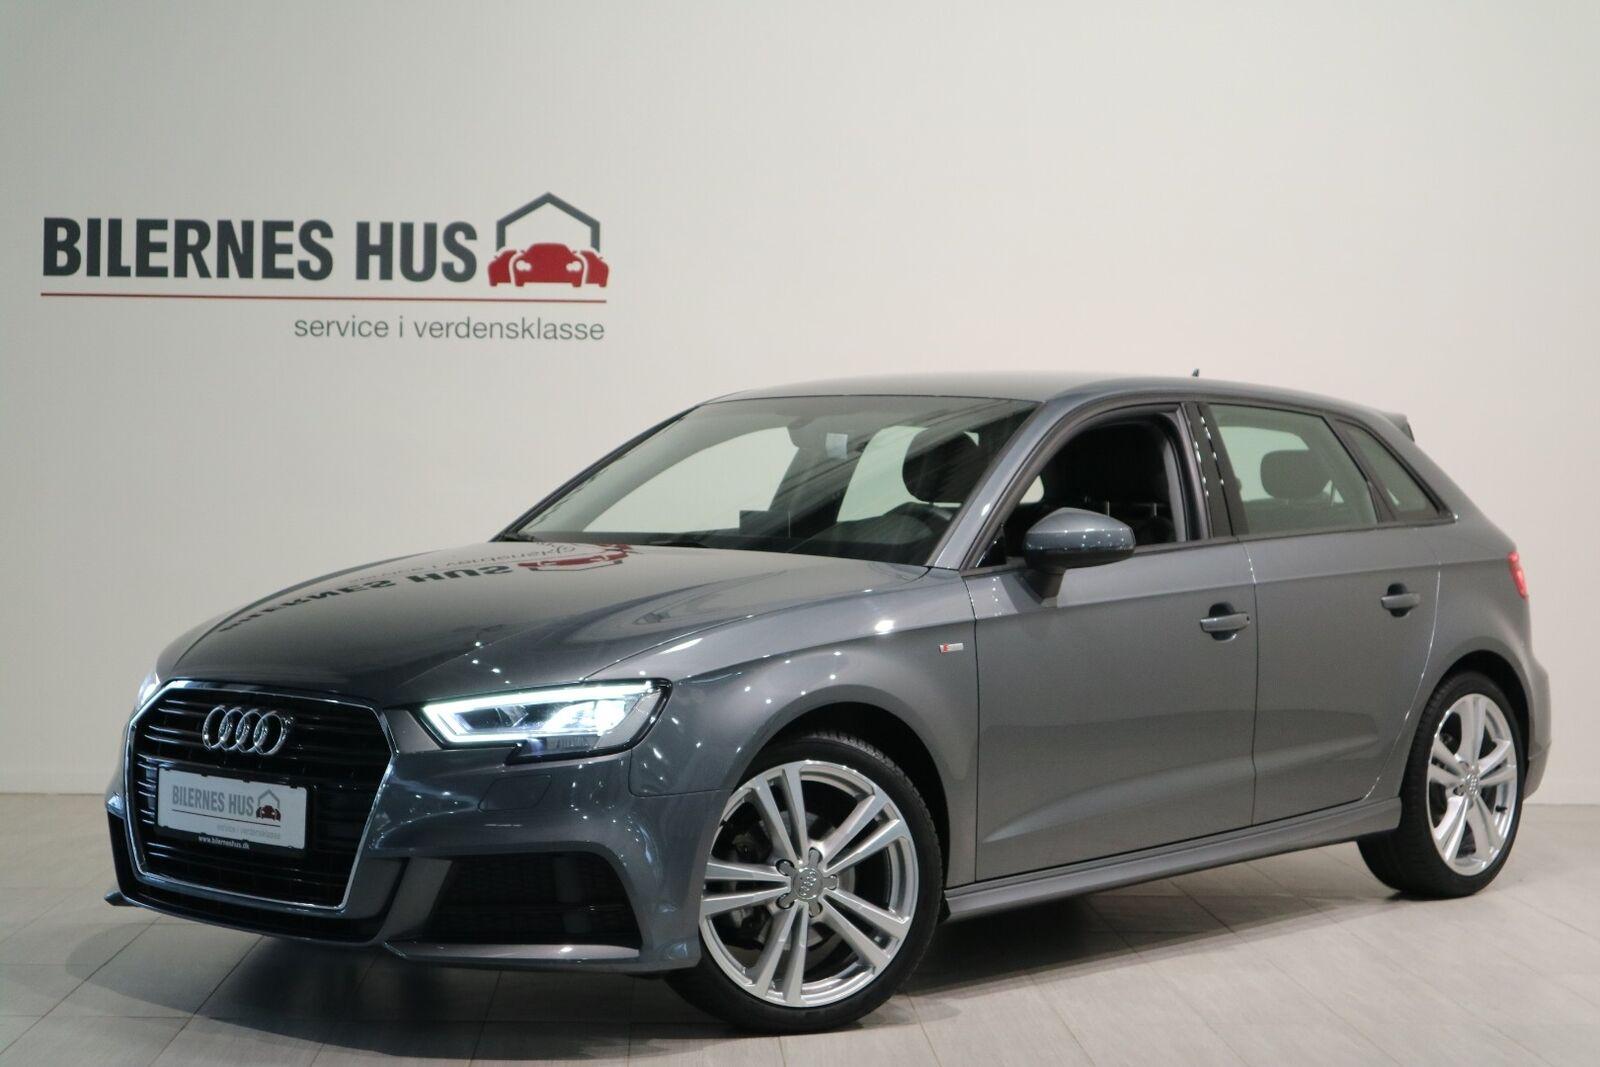 Audi A3 Billede 6